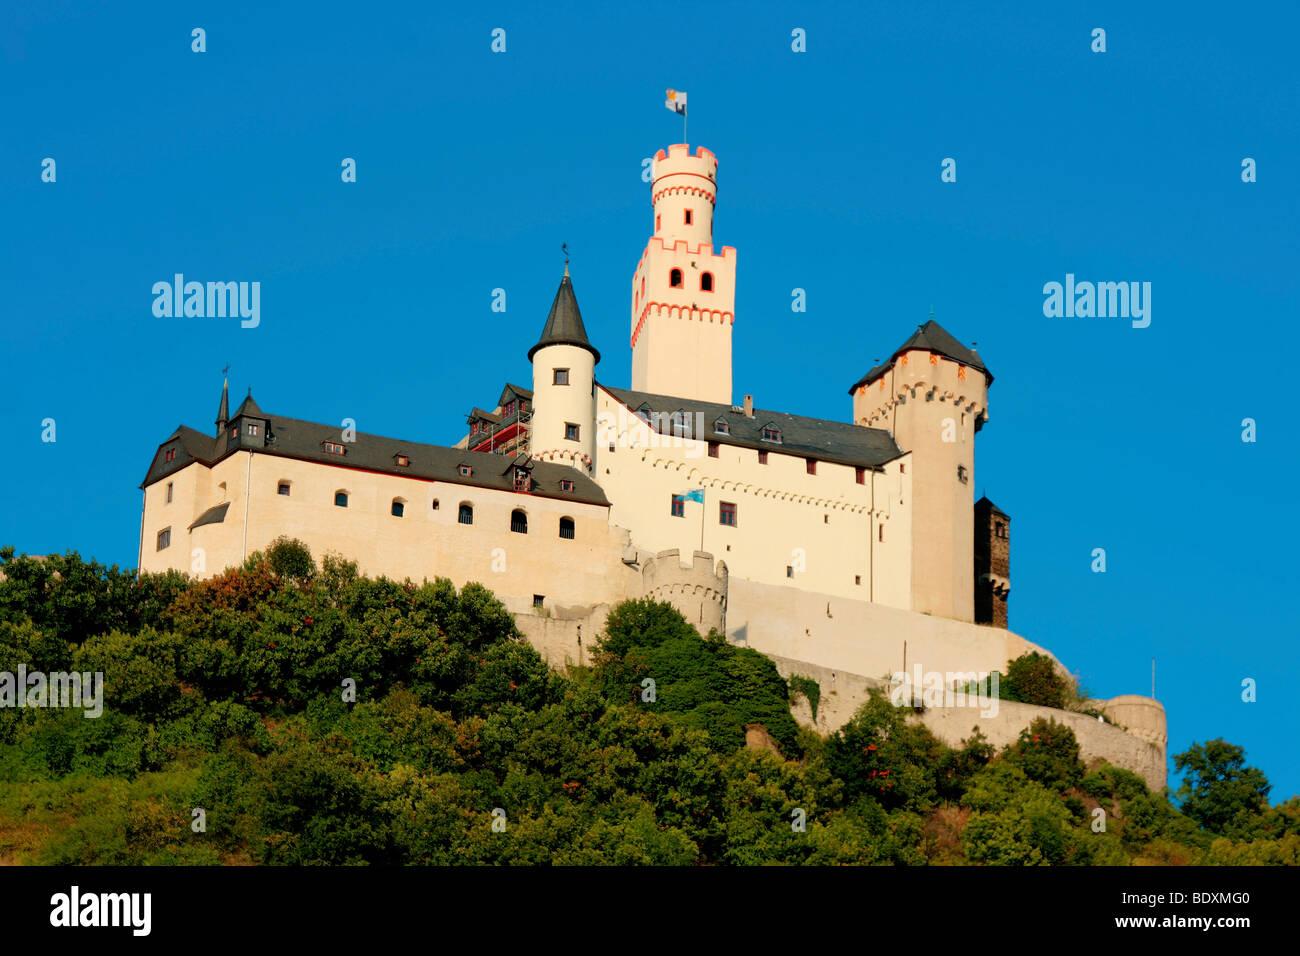 La dernière forteresse de marksburg, encore intacte château perché dans le patrimoine mondial de Photo Stock